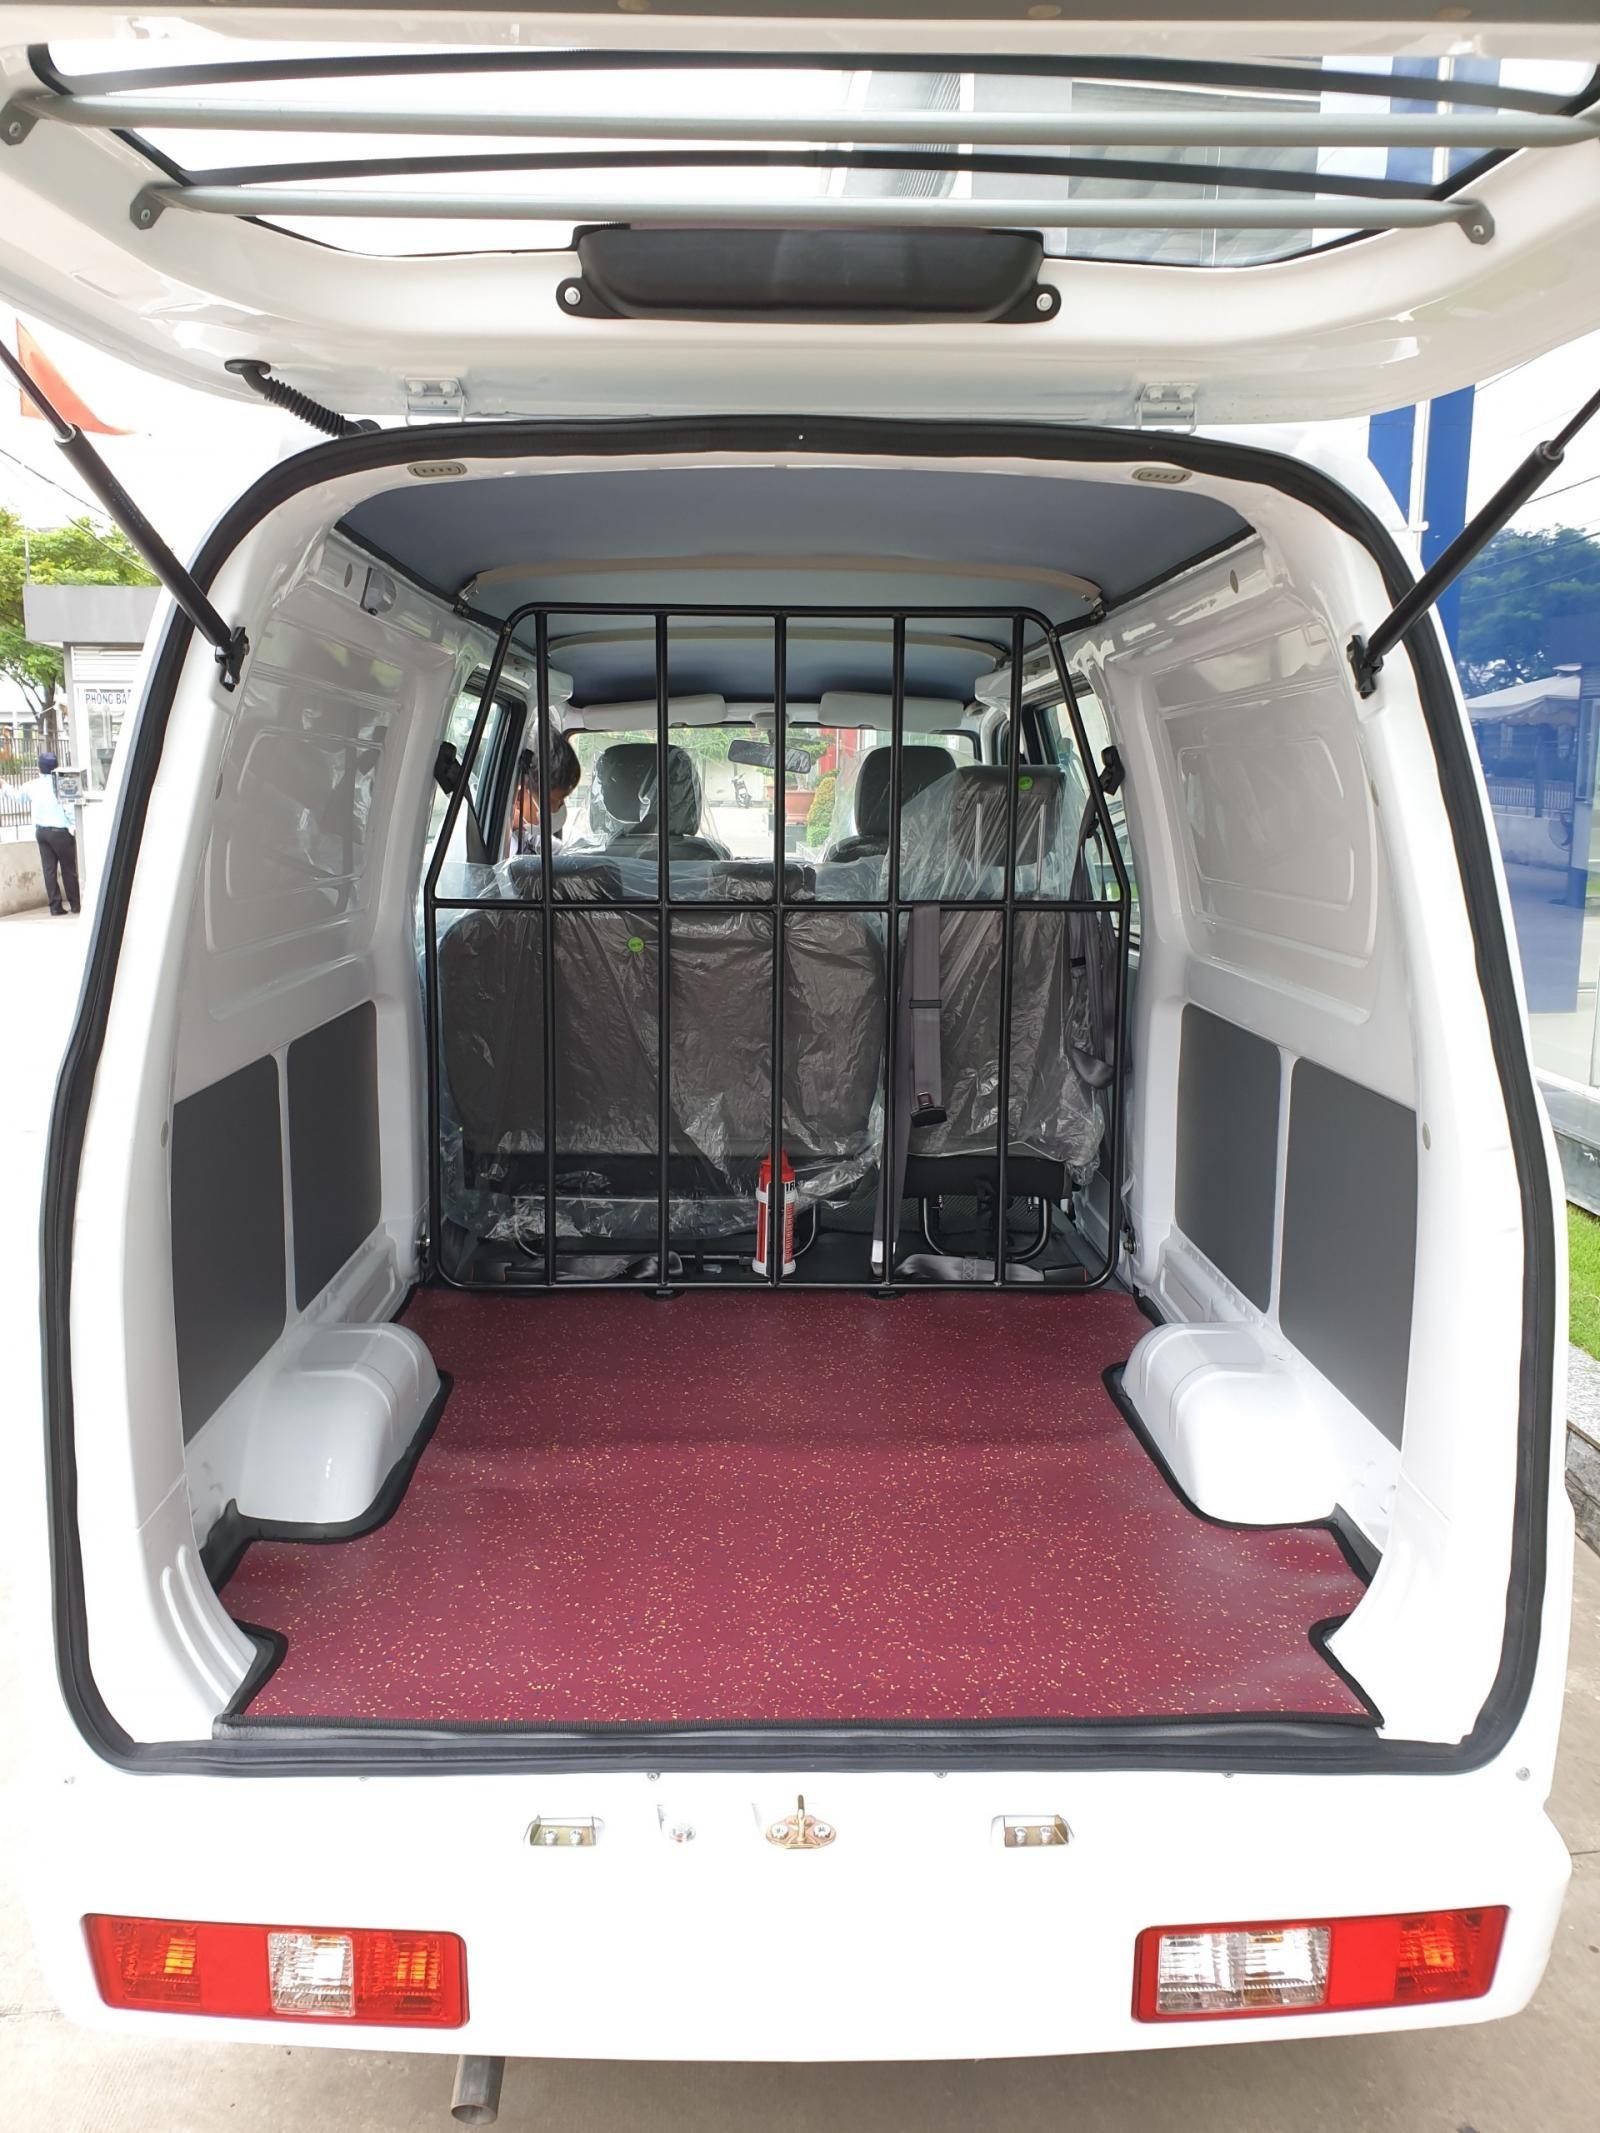 Xe tải van 5 chỗ Thaco, lưu thông 24/24 trong thành phố